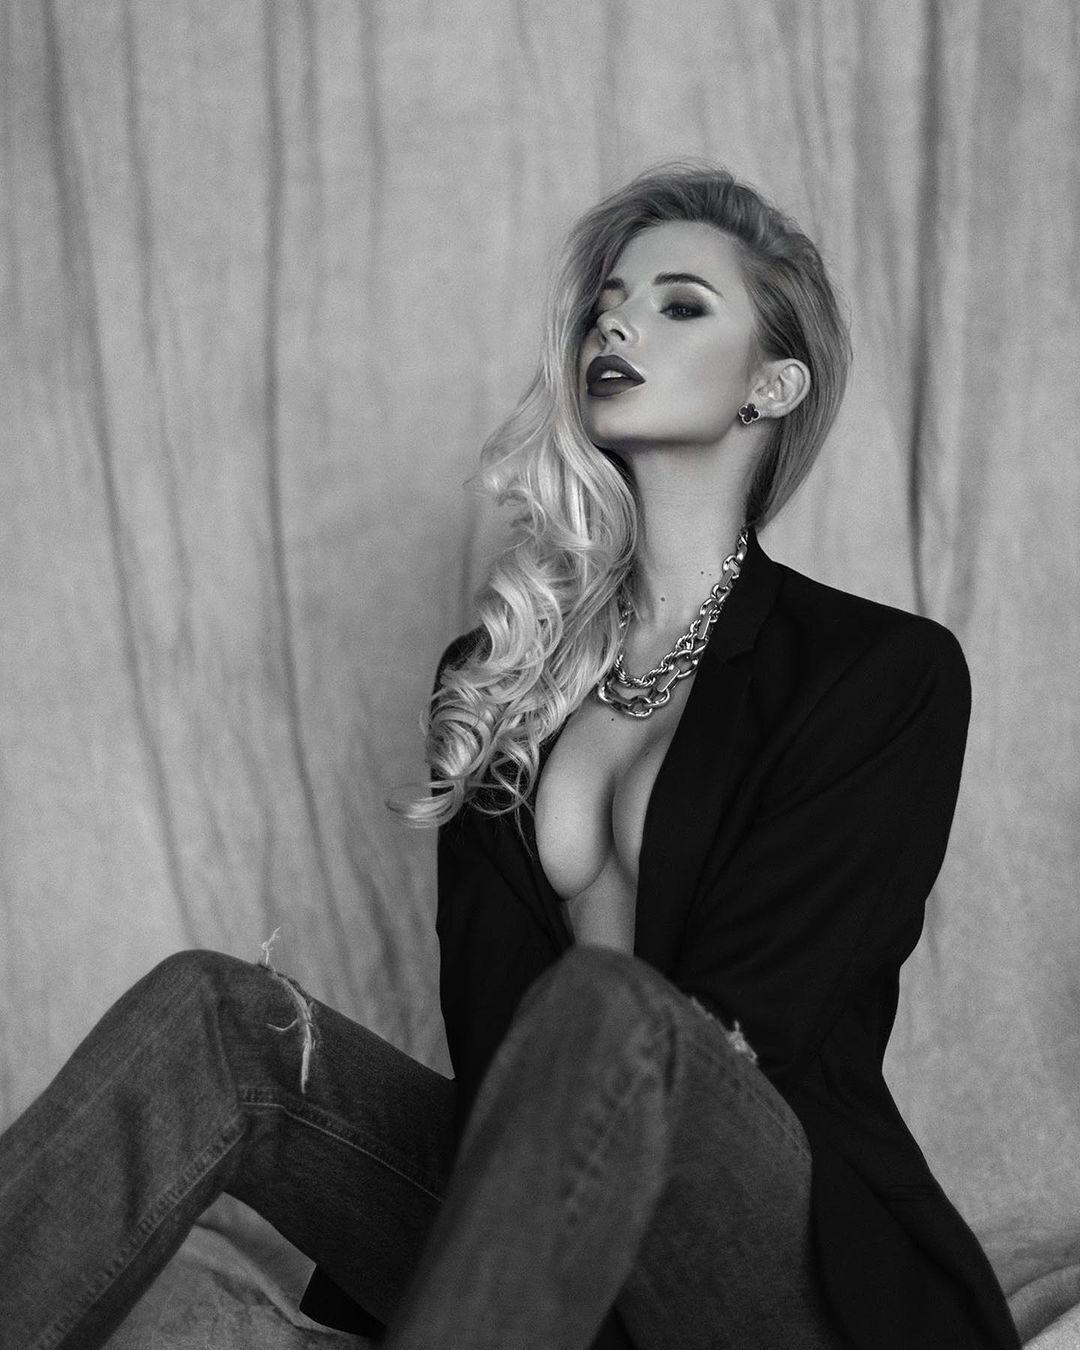 Даша Савина снялась в черно-белой фотосессии